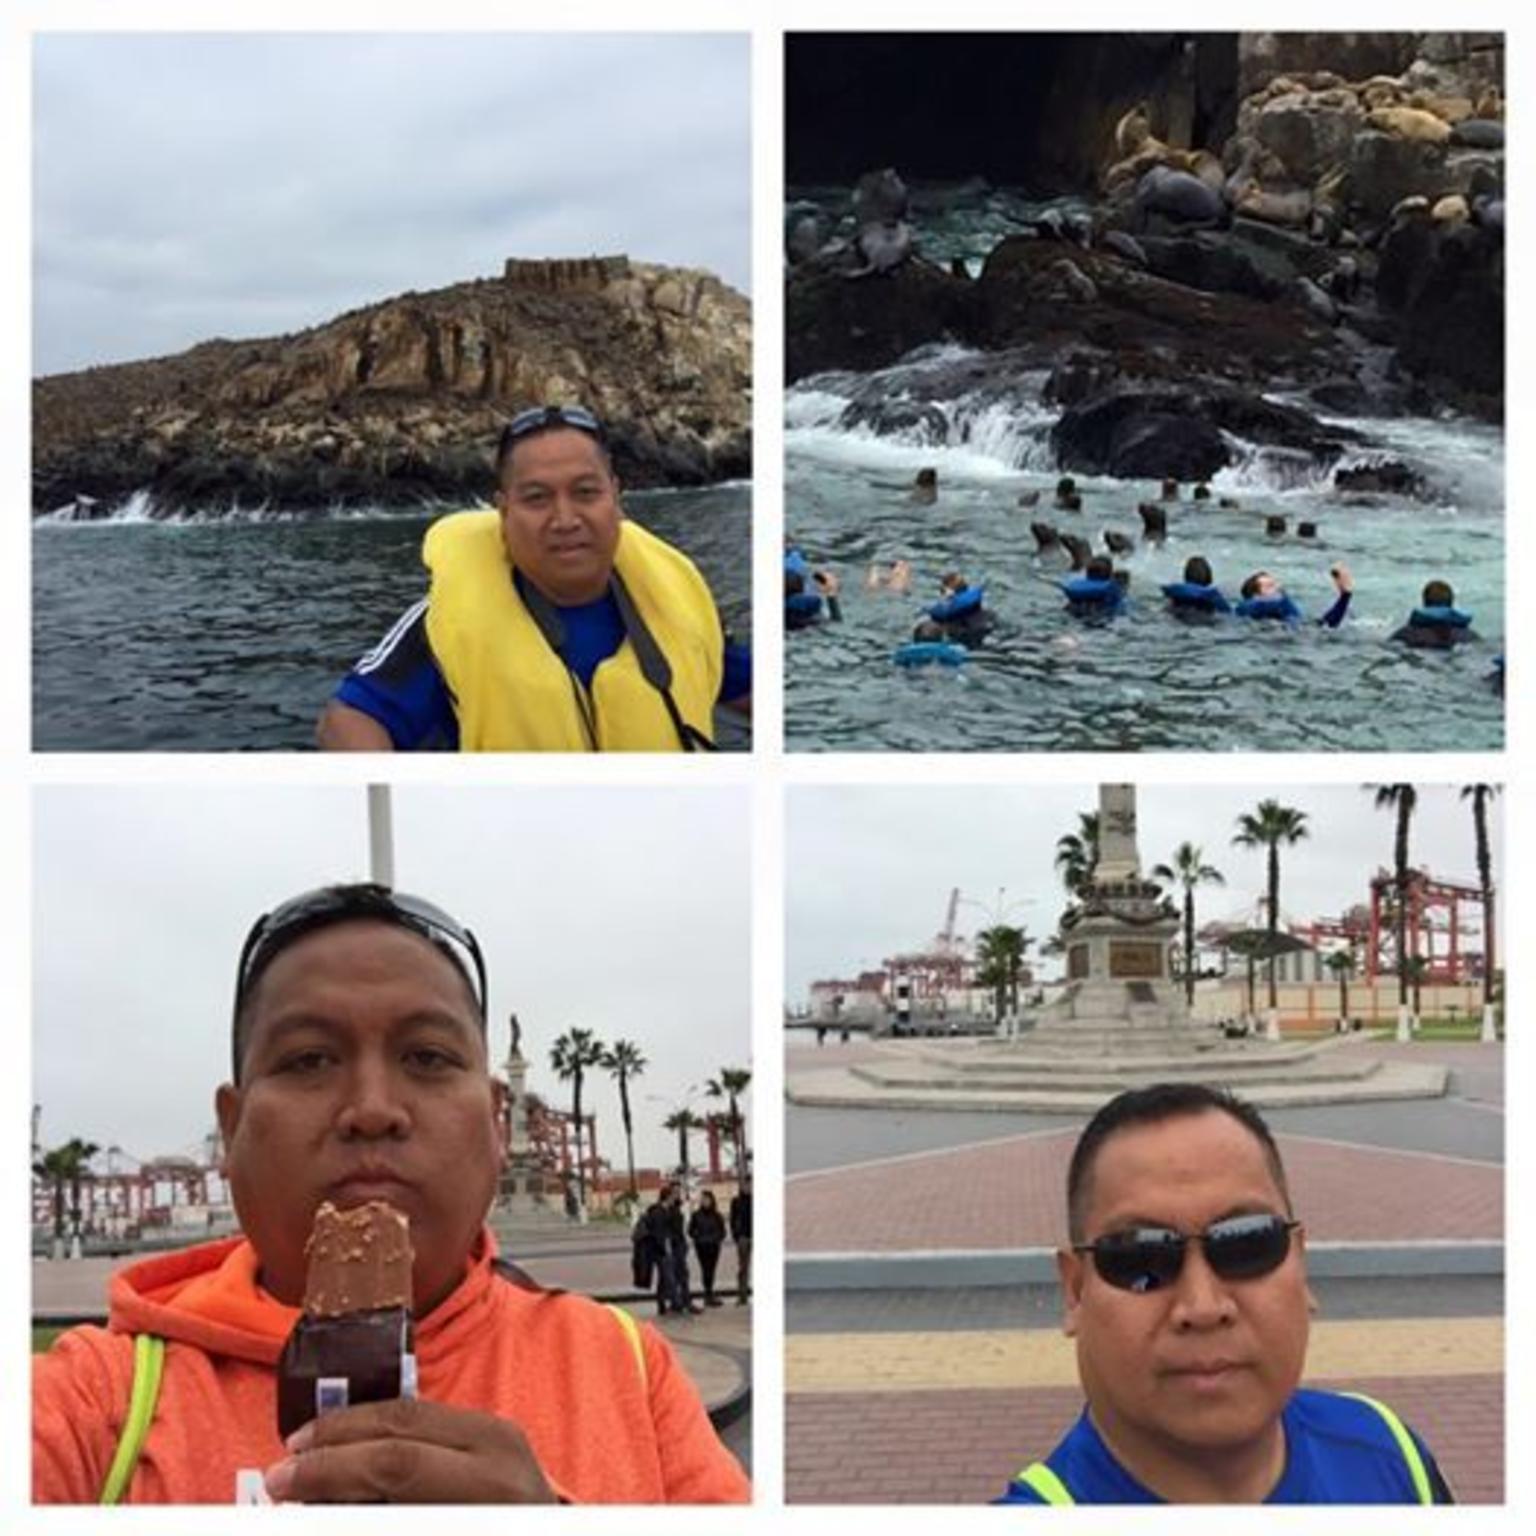 MÁS FOTOS, Crucero Islas Palomino y experiencia de nado con leones marinos desde Lima